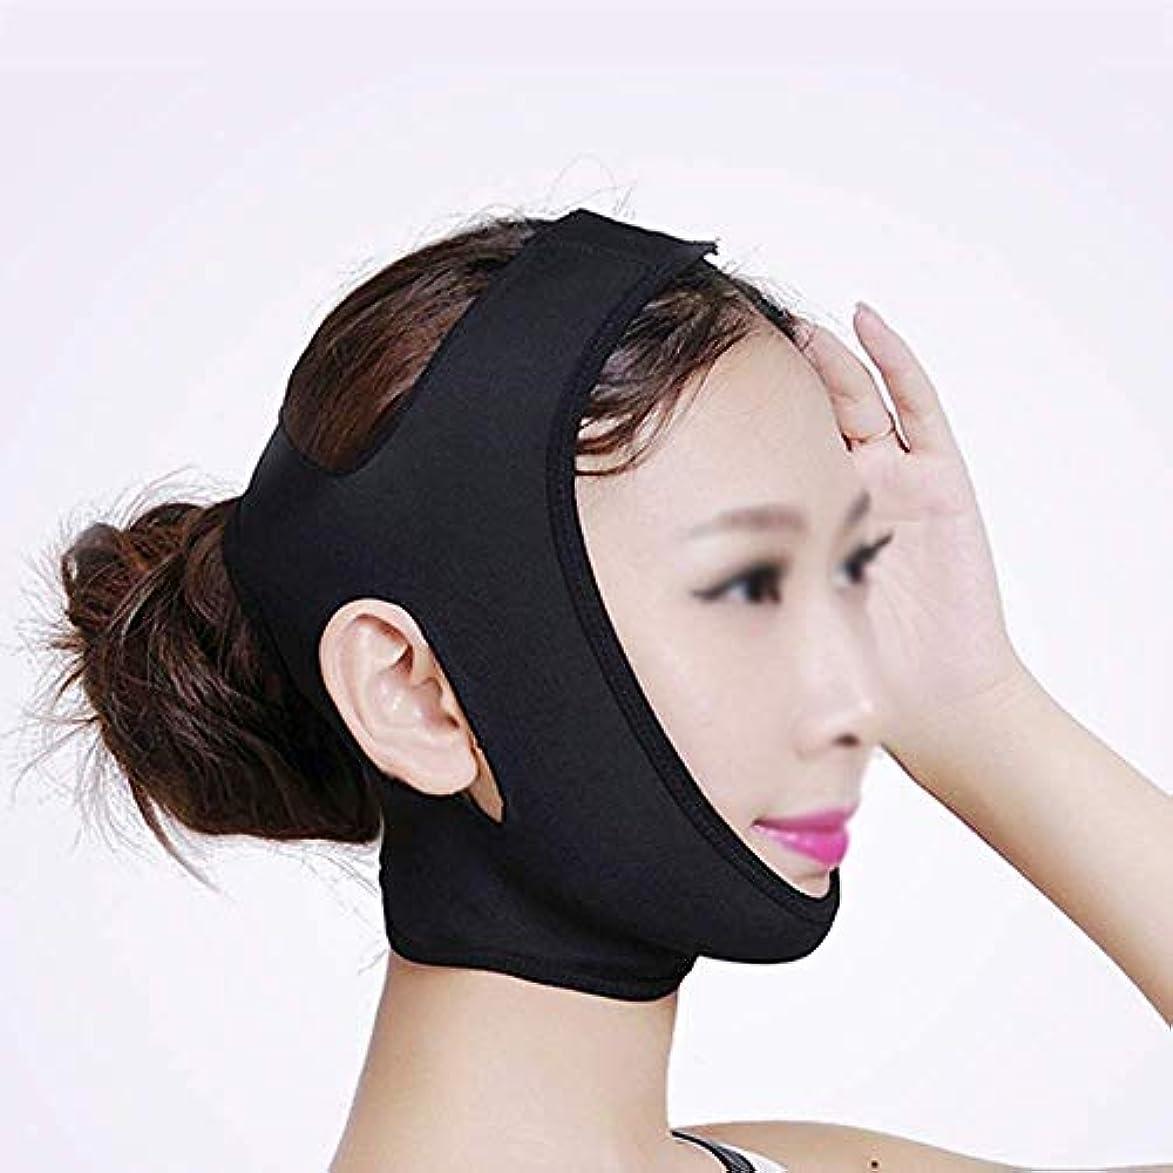 古くなった中性空のフェイシャル減量マスクリフティングフェイス、フェイスマスク、減量包帯を除去するためのダブルチン、フェイシャルリフティング包帯、ダブルチンを減らすためのリフティングベルト(カラー:ブラック、サイズ:M),黒、L